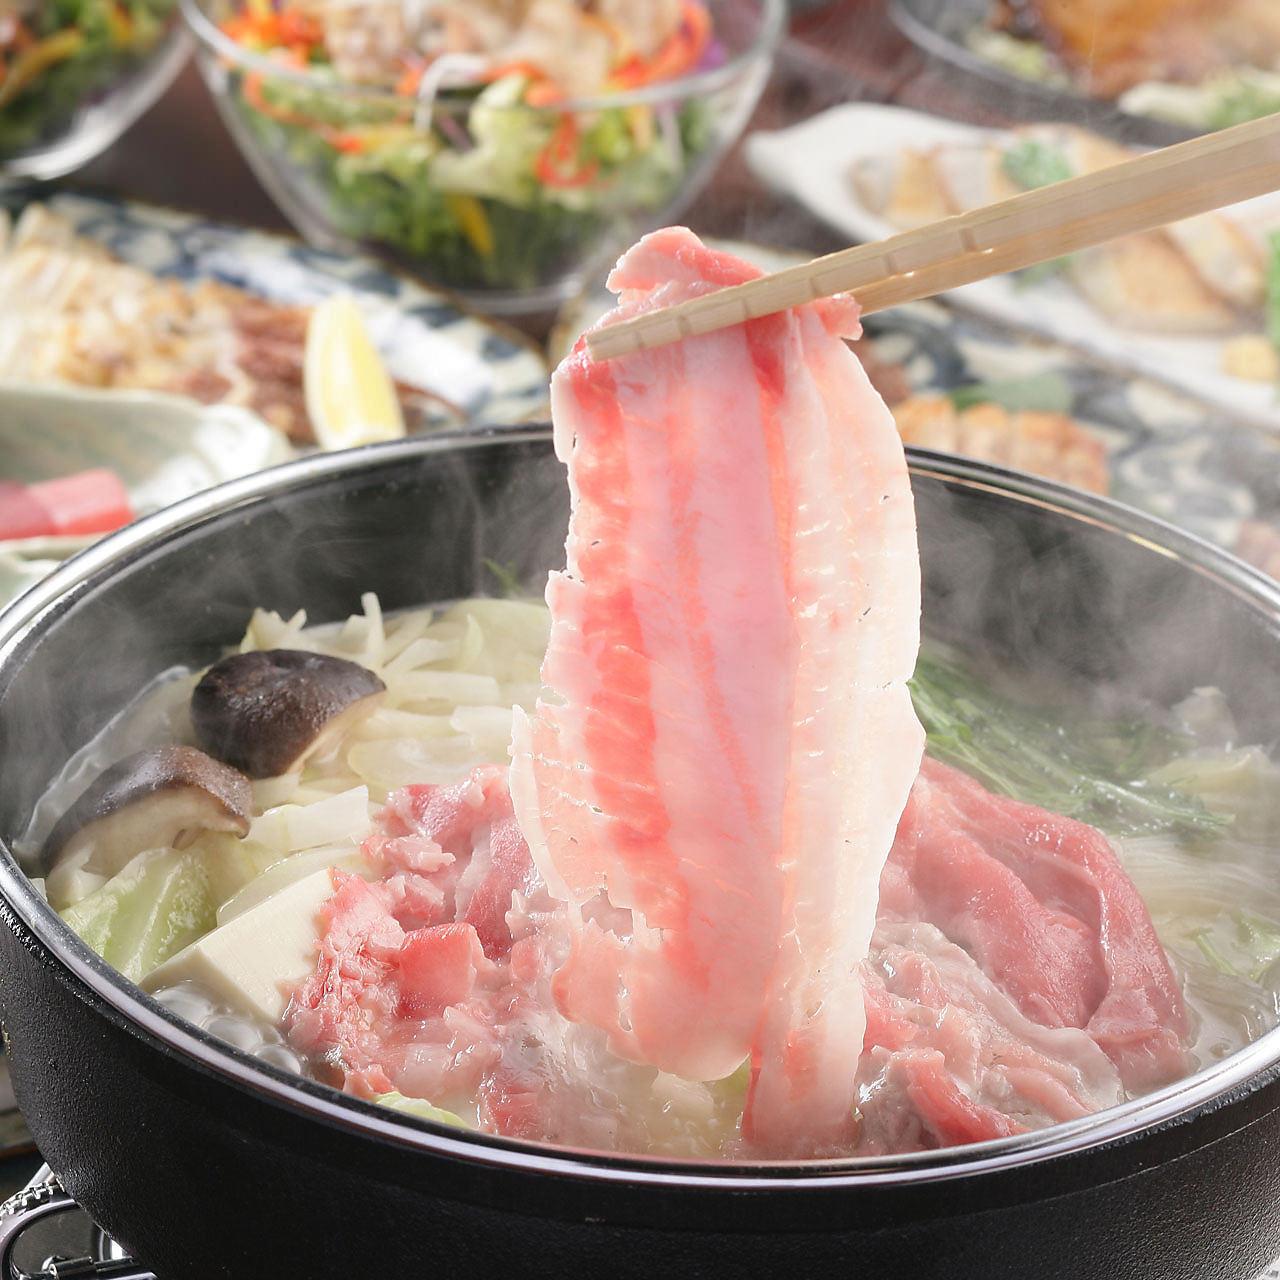 【12月限定】~GOTOEAT開催特別プラン~8品三河もち豚のしゃぶしゃぶと鮪のお刺身2種盛りコース